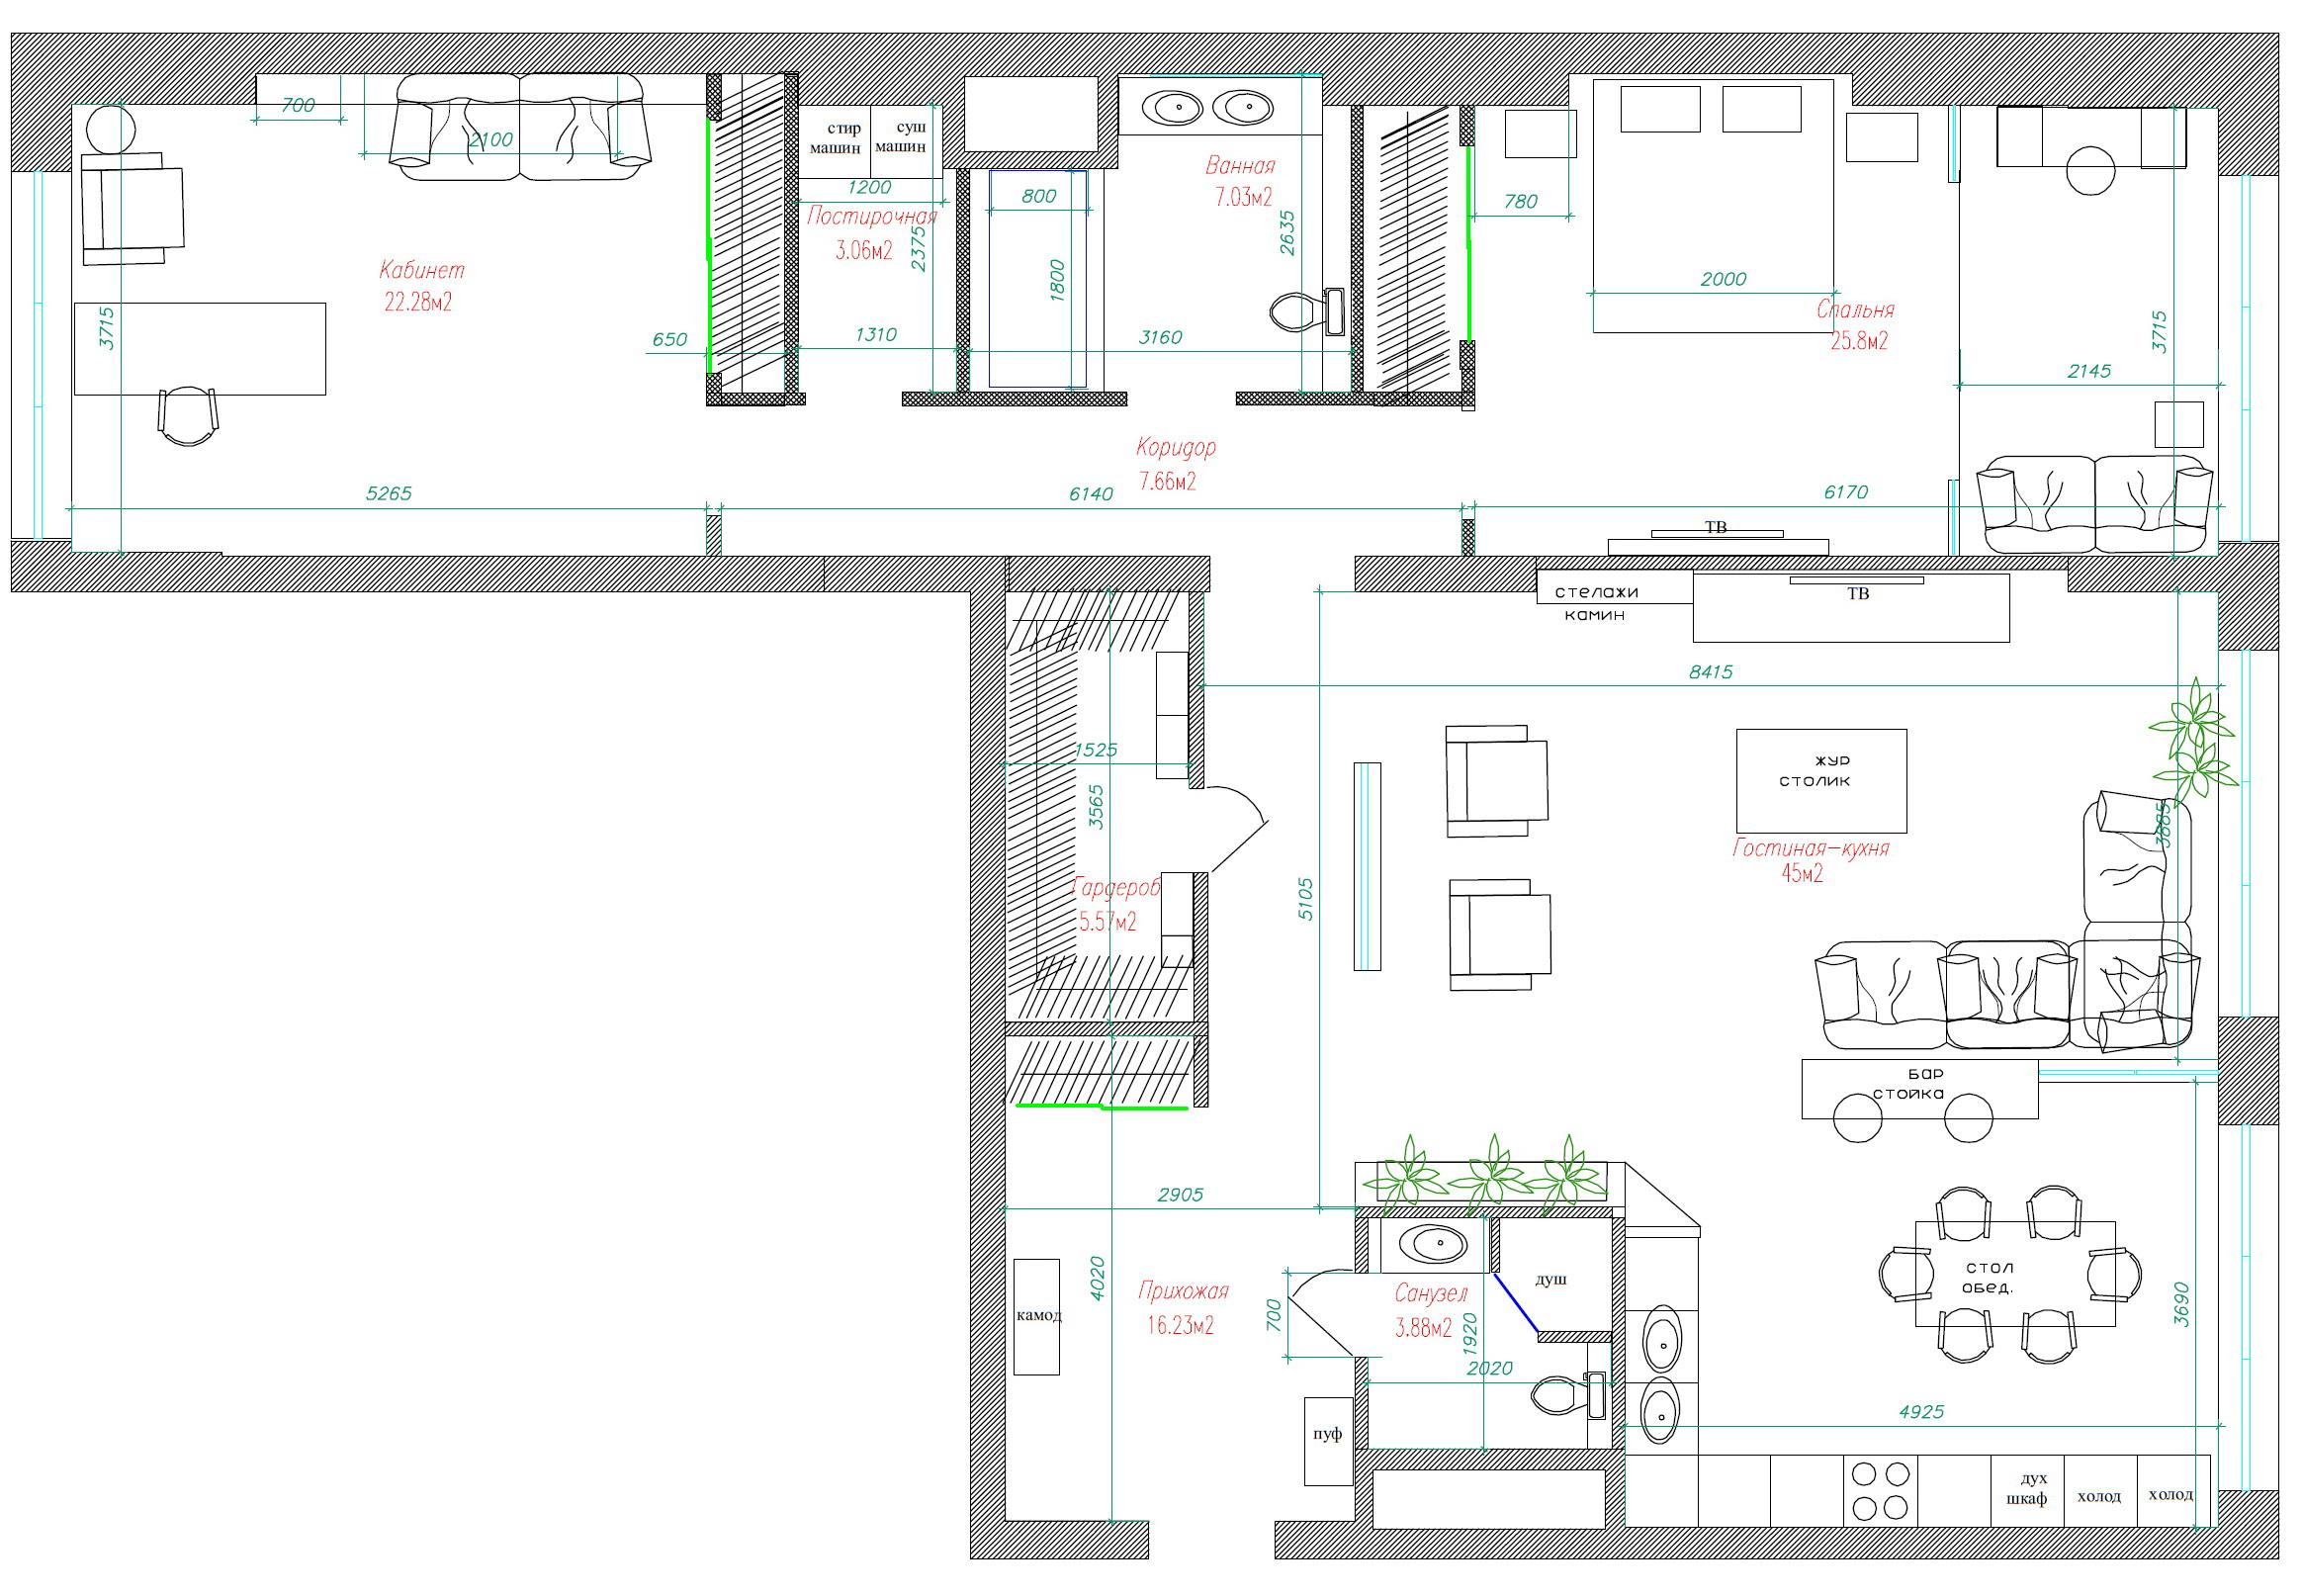 Дизайн интерьера и планировка квартир, фото проектов от